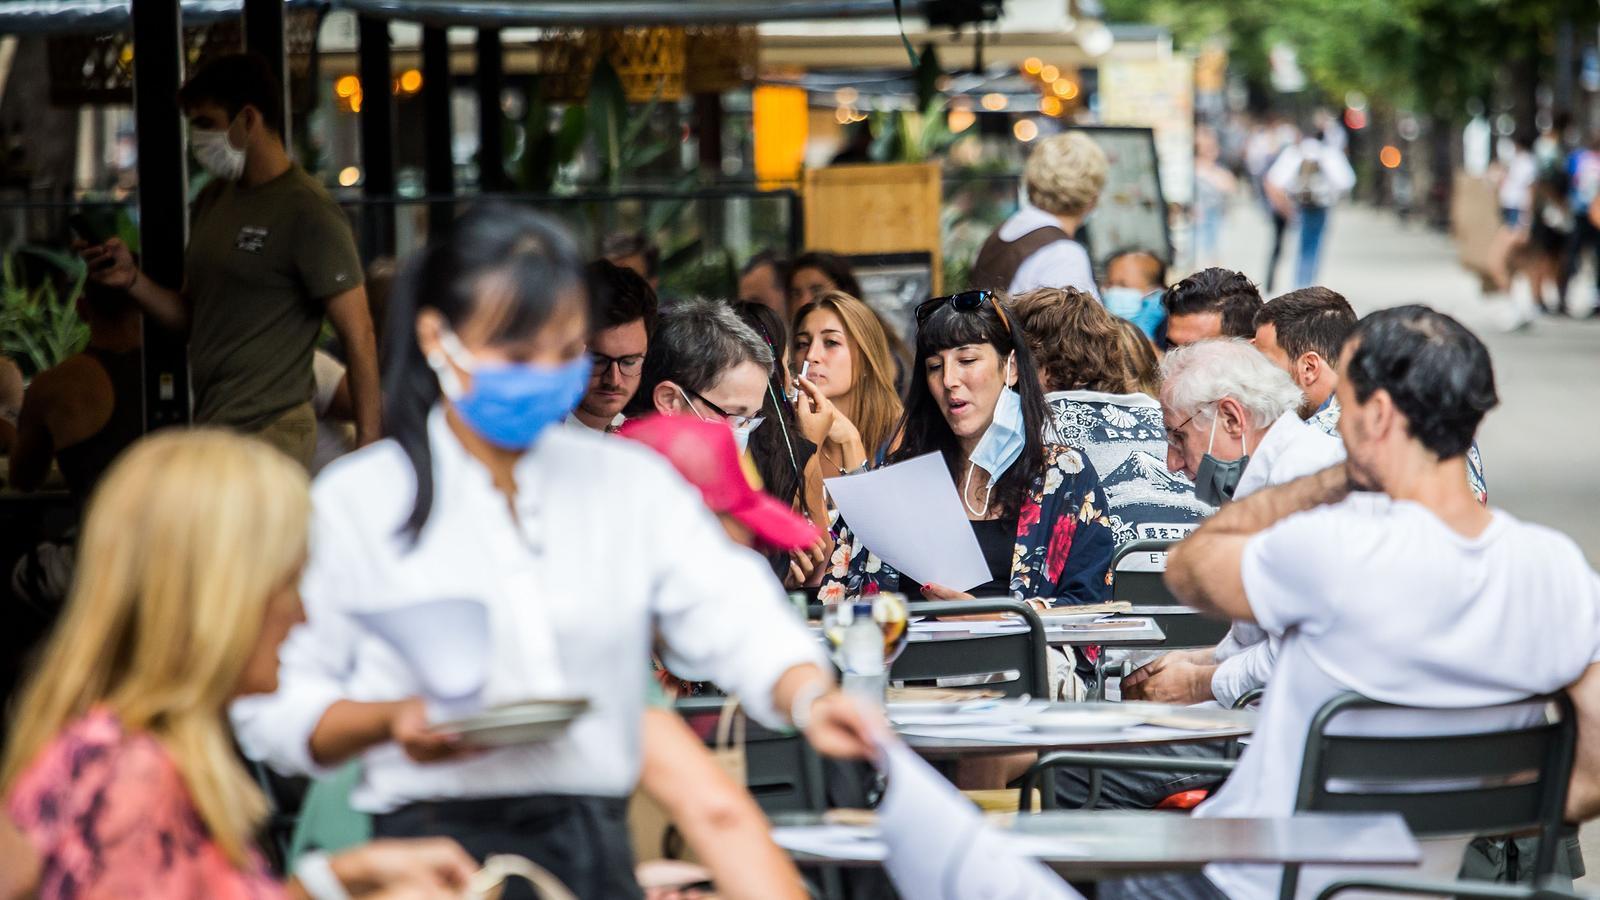 Terrassa d'un restaurant del centre de Barcelona amb totes les taules ocupades en una imatge recent